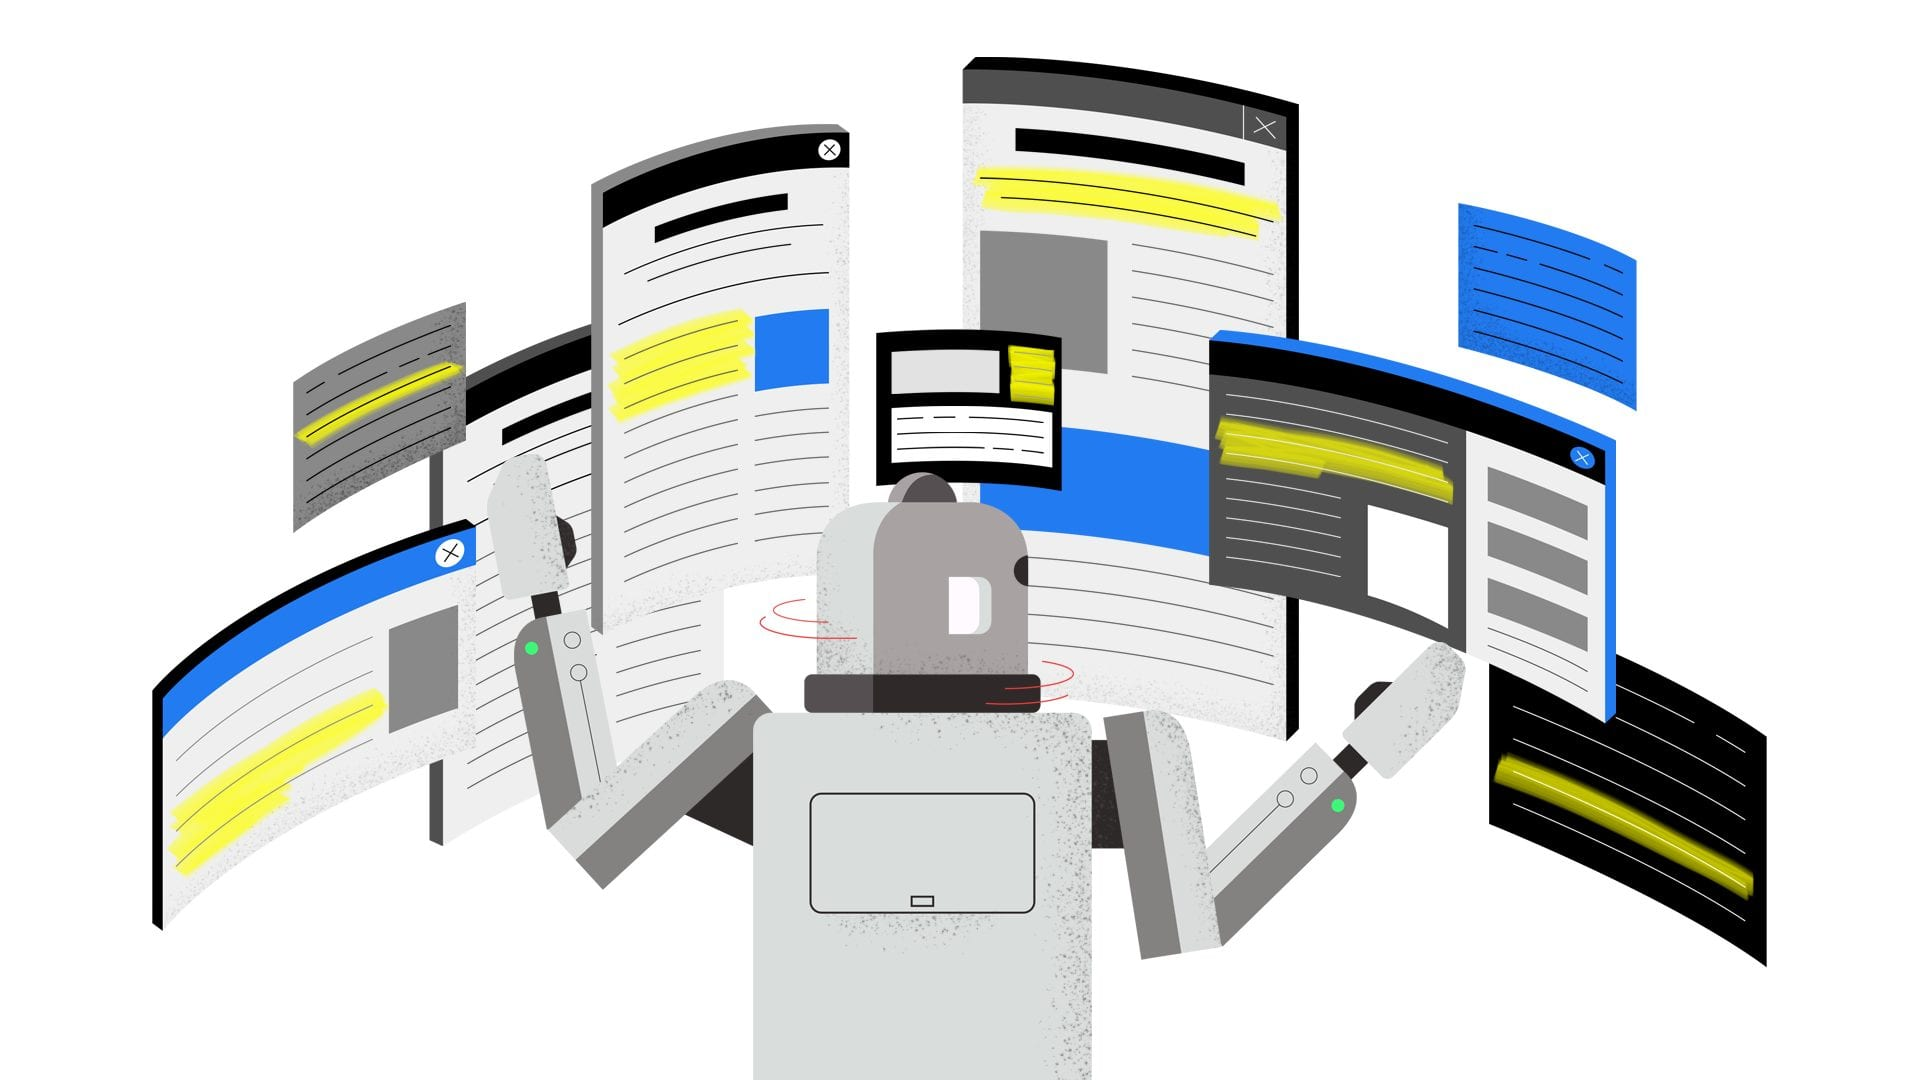 Inteligencia artificial para chequear más rápido y mejor